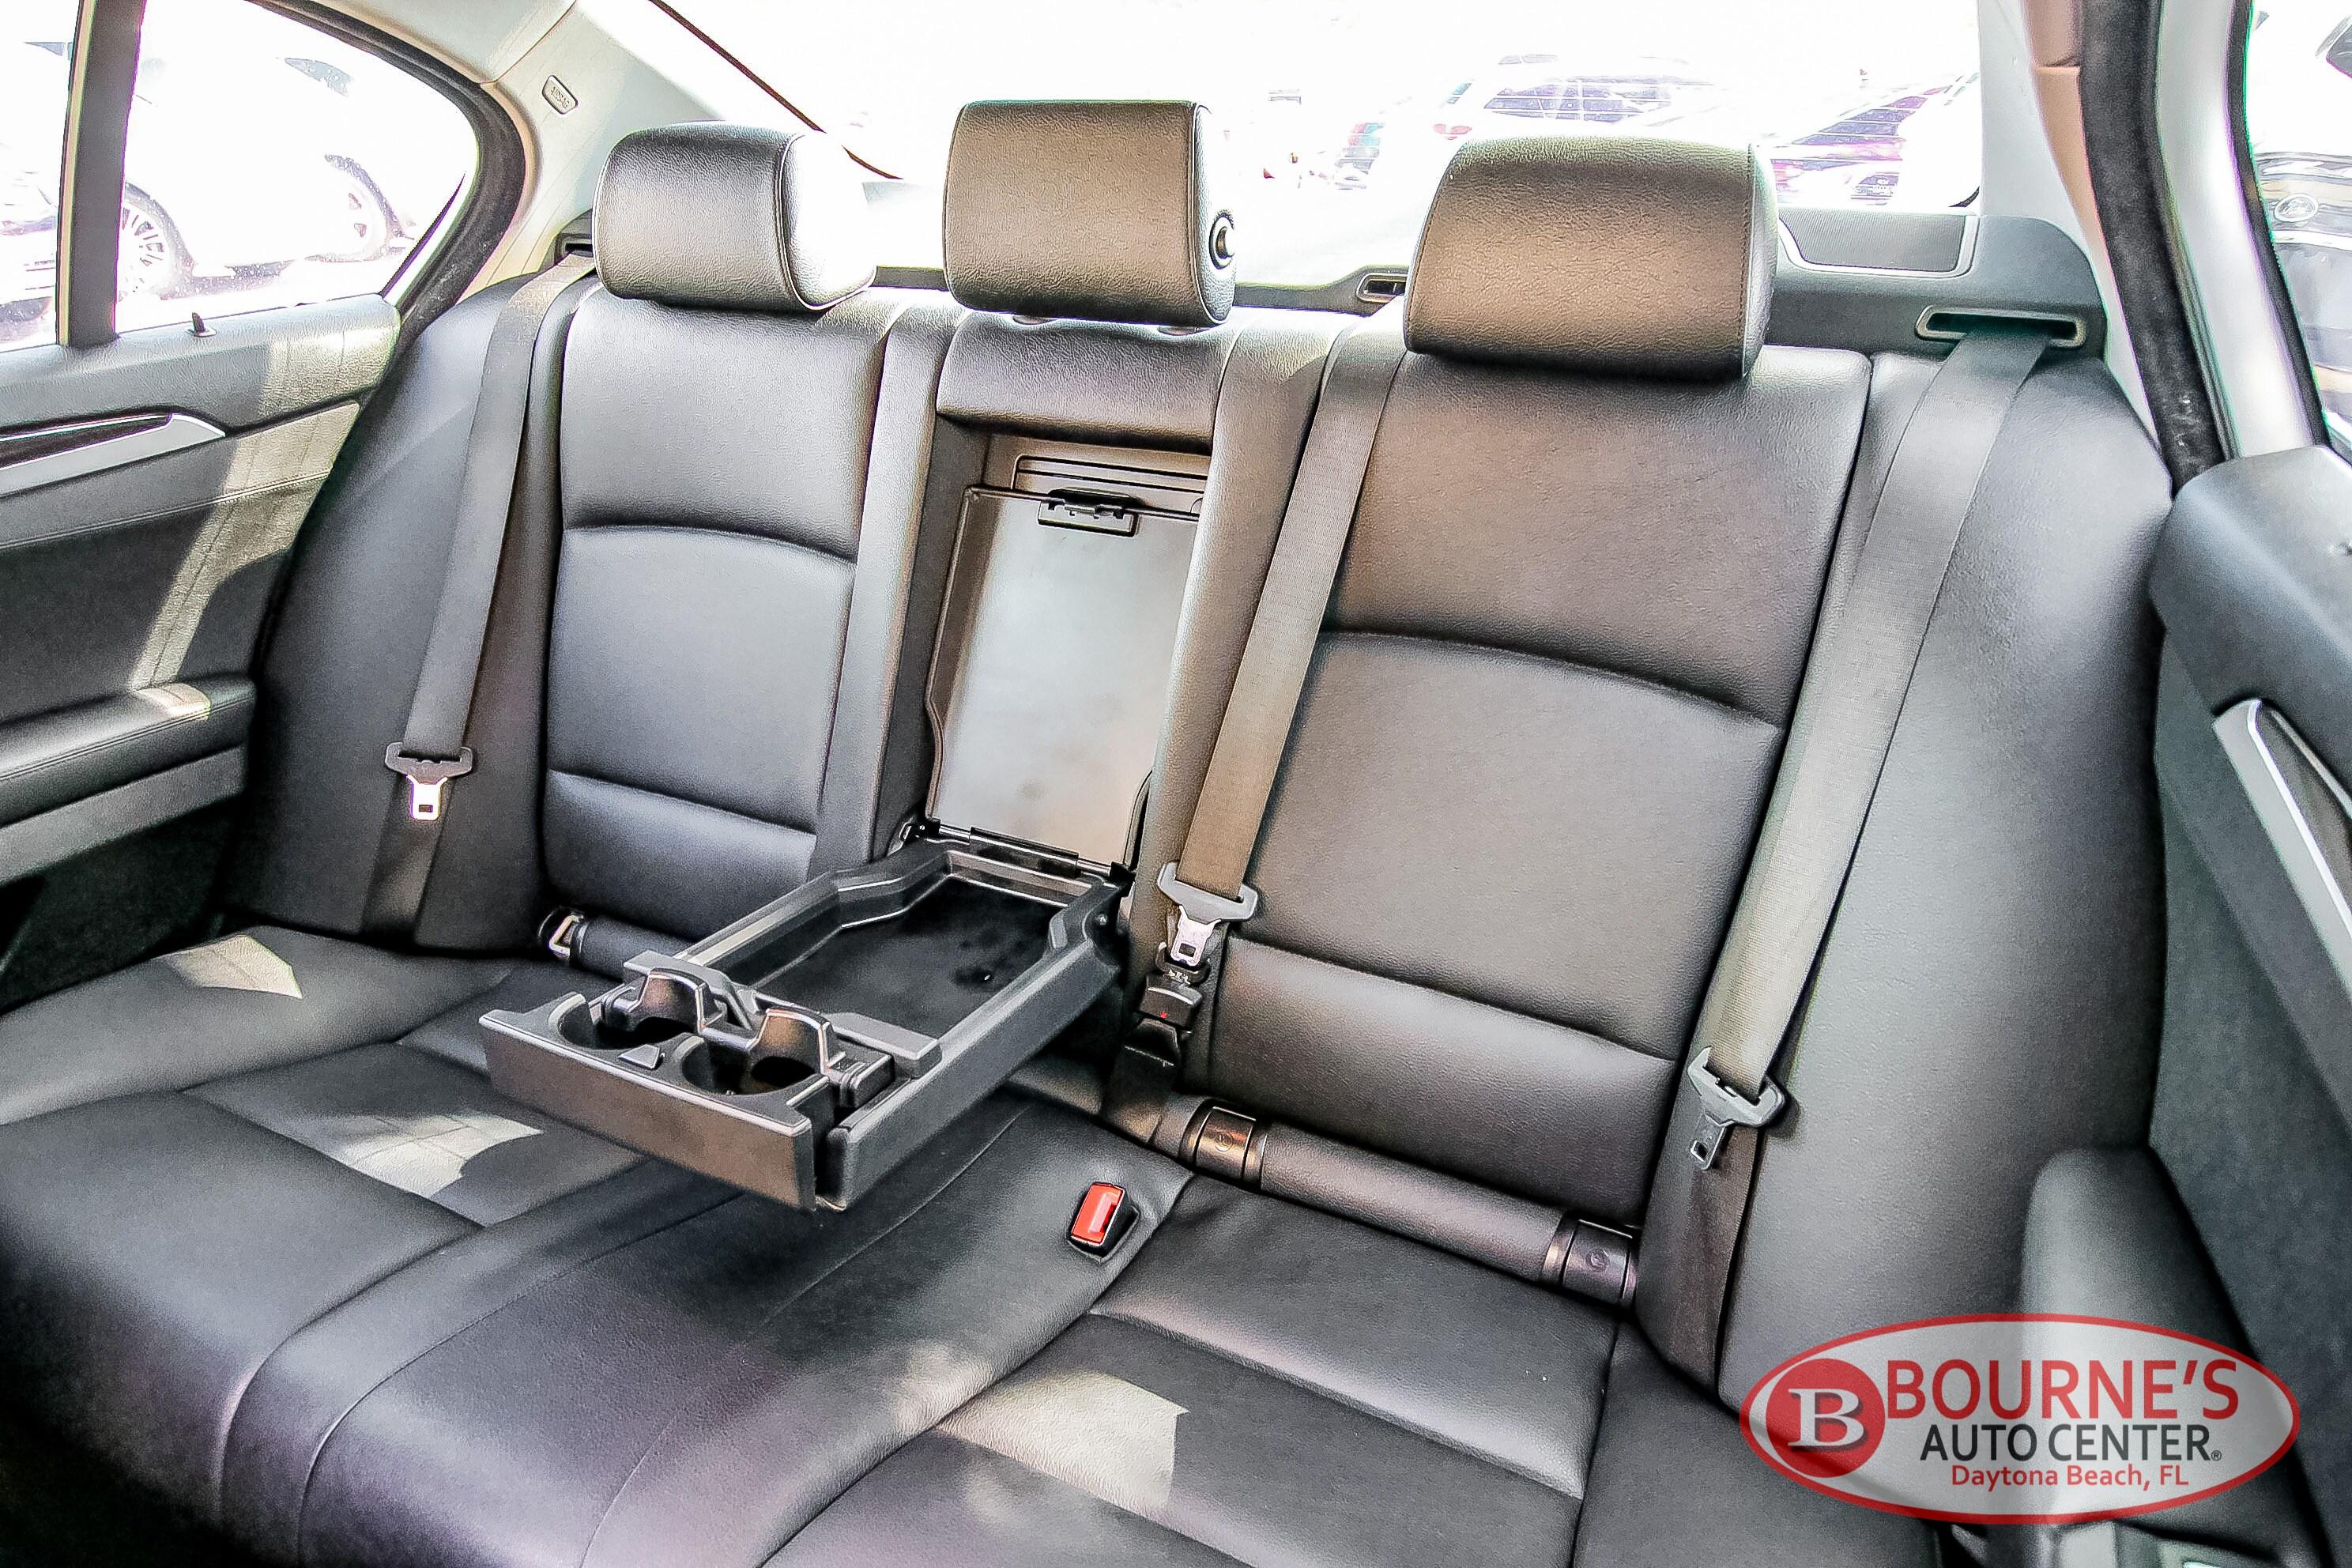 2015 BMW 5 Series - Fair Car Ownership